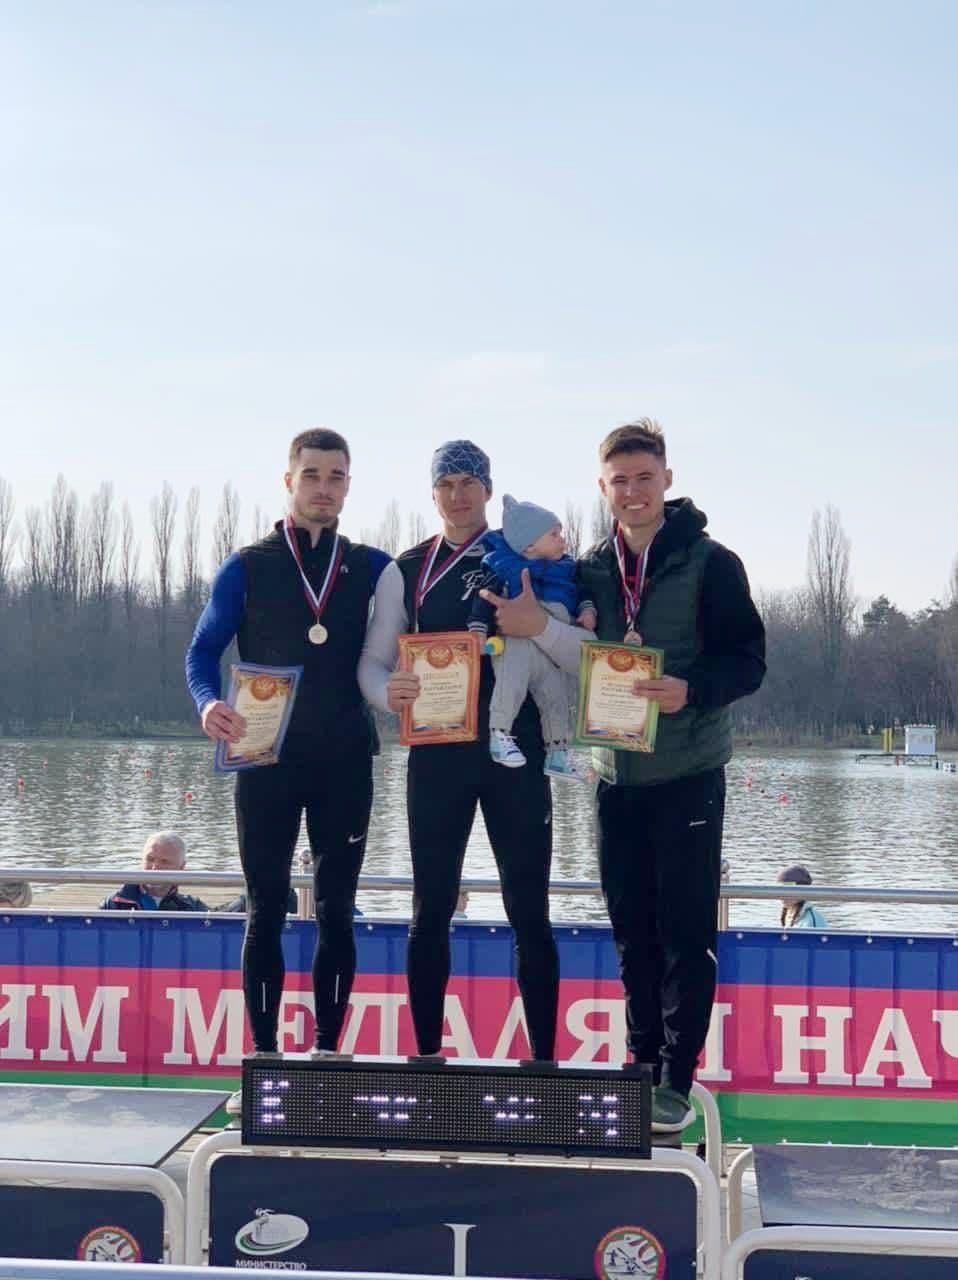 Спортсмены из Подмосковья завоевали две бронзовые и серебряную медаль на чемпионате России по гребле на байдарках и каноэ